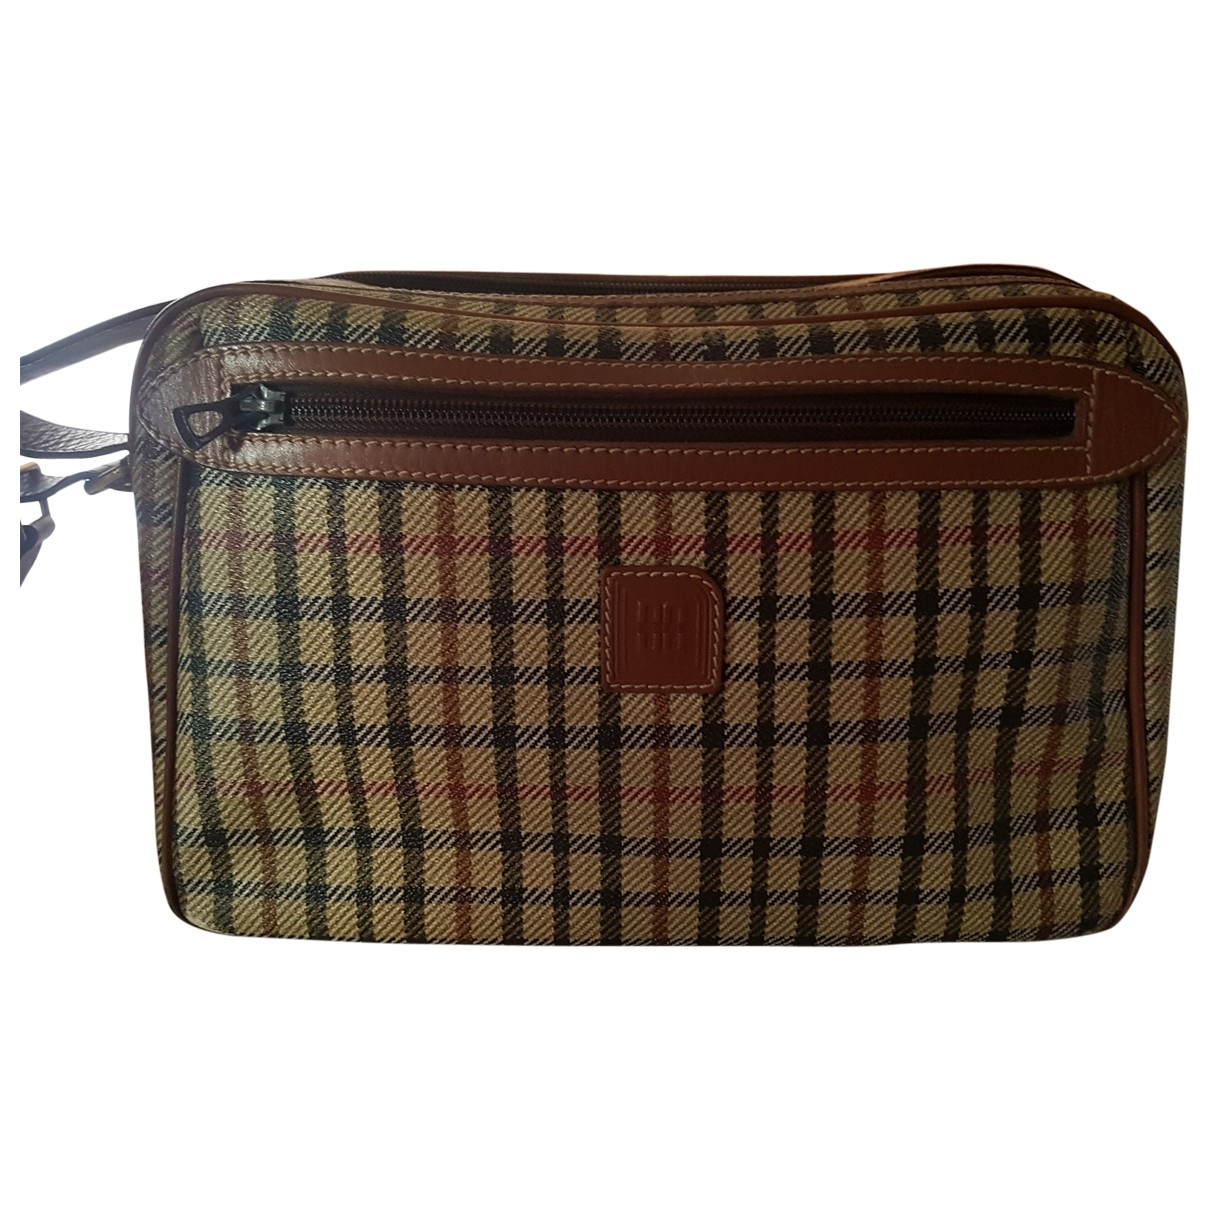 Daks \N Handtasche in Kunststoff